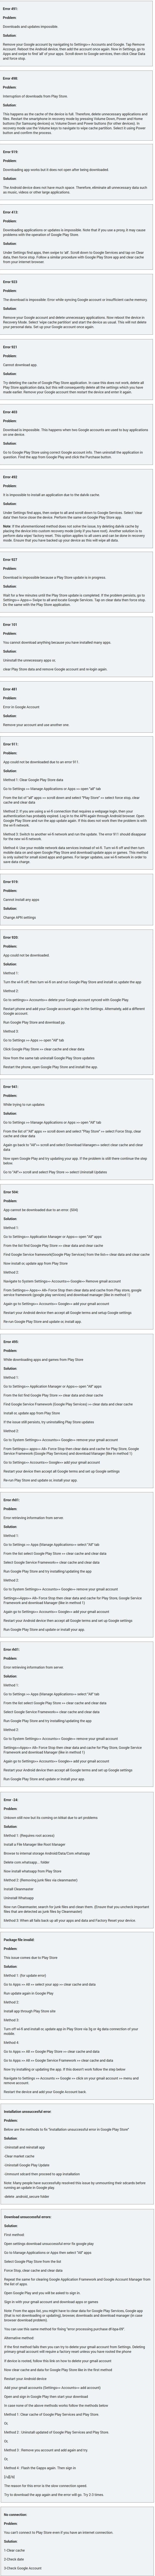 Google-Play-Store-Errors